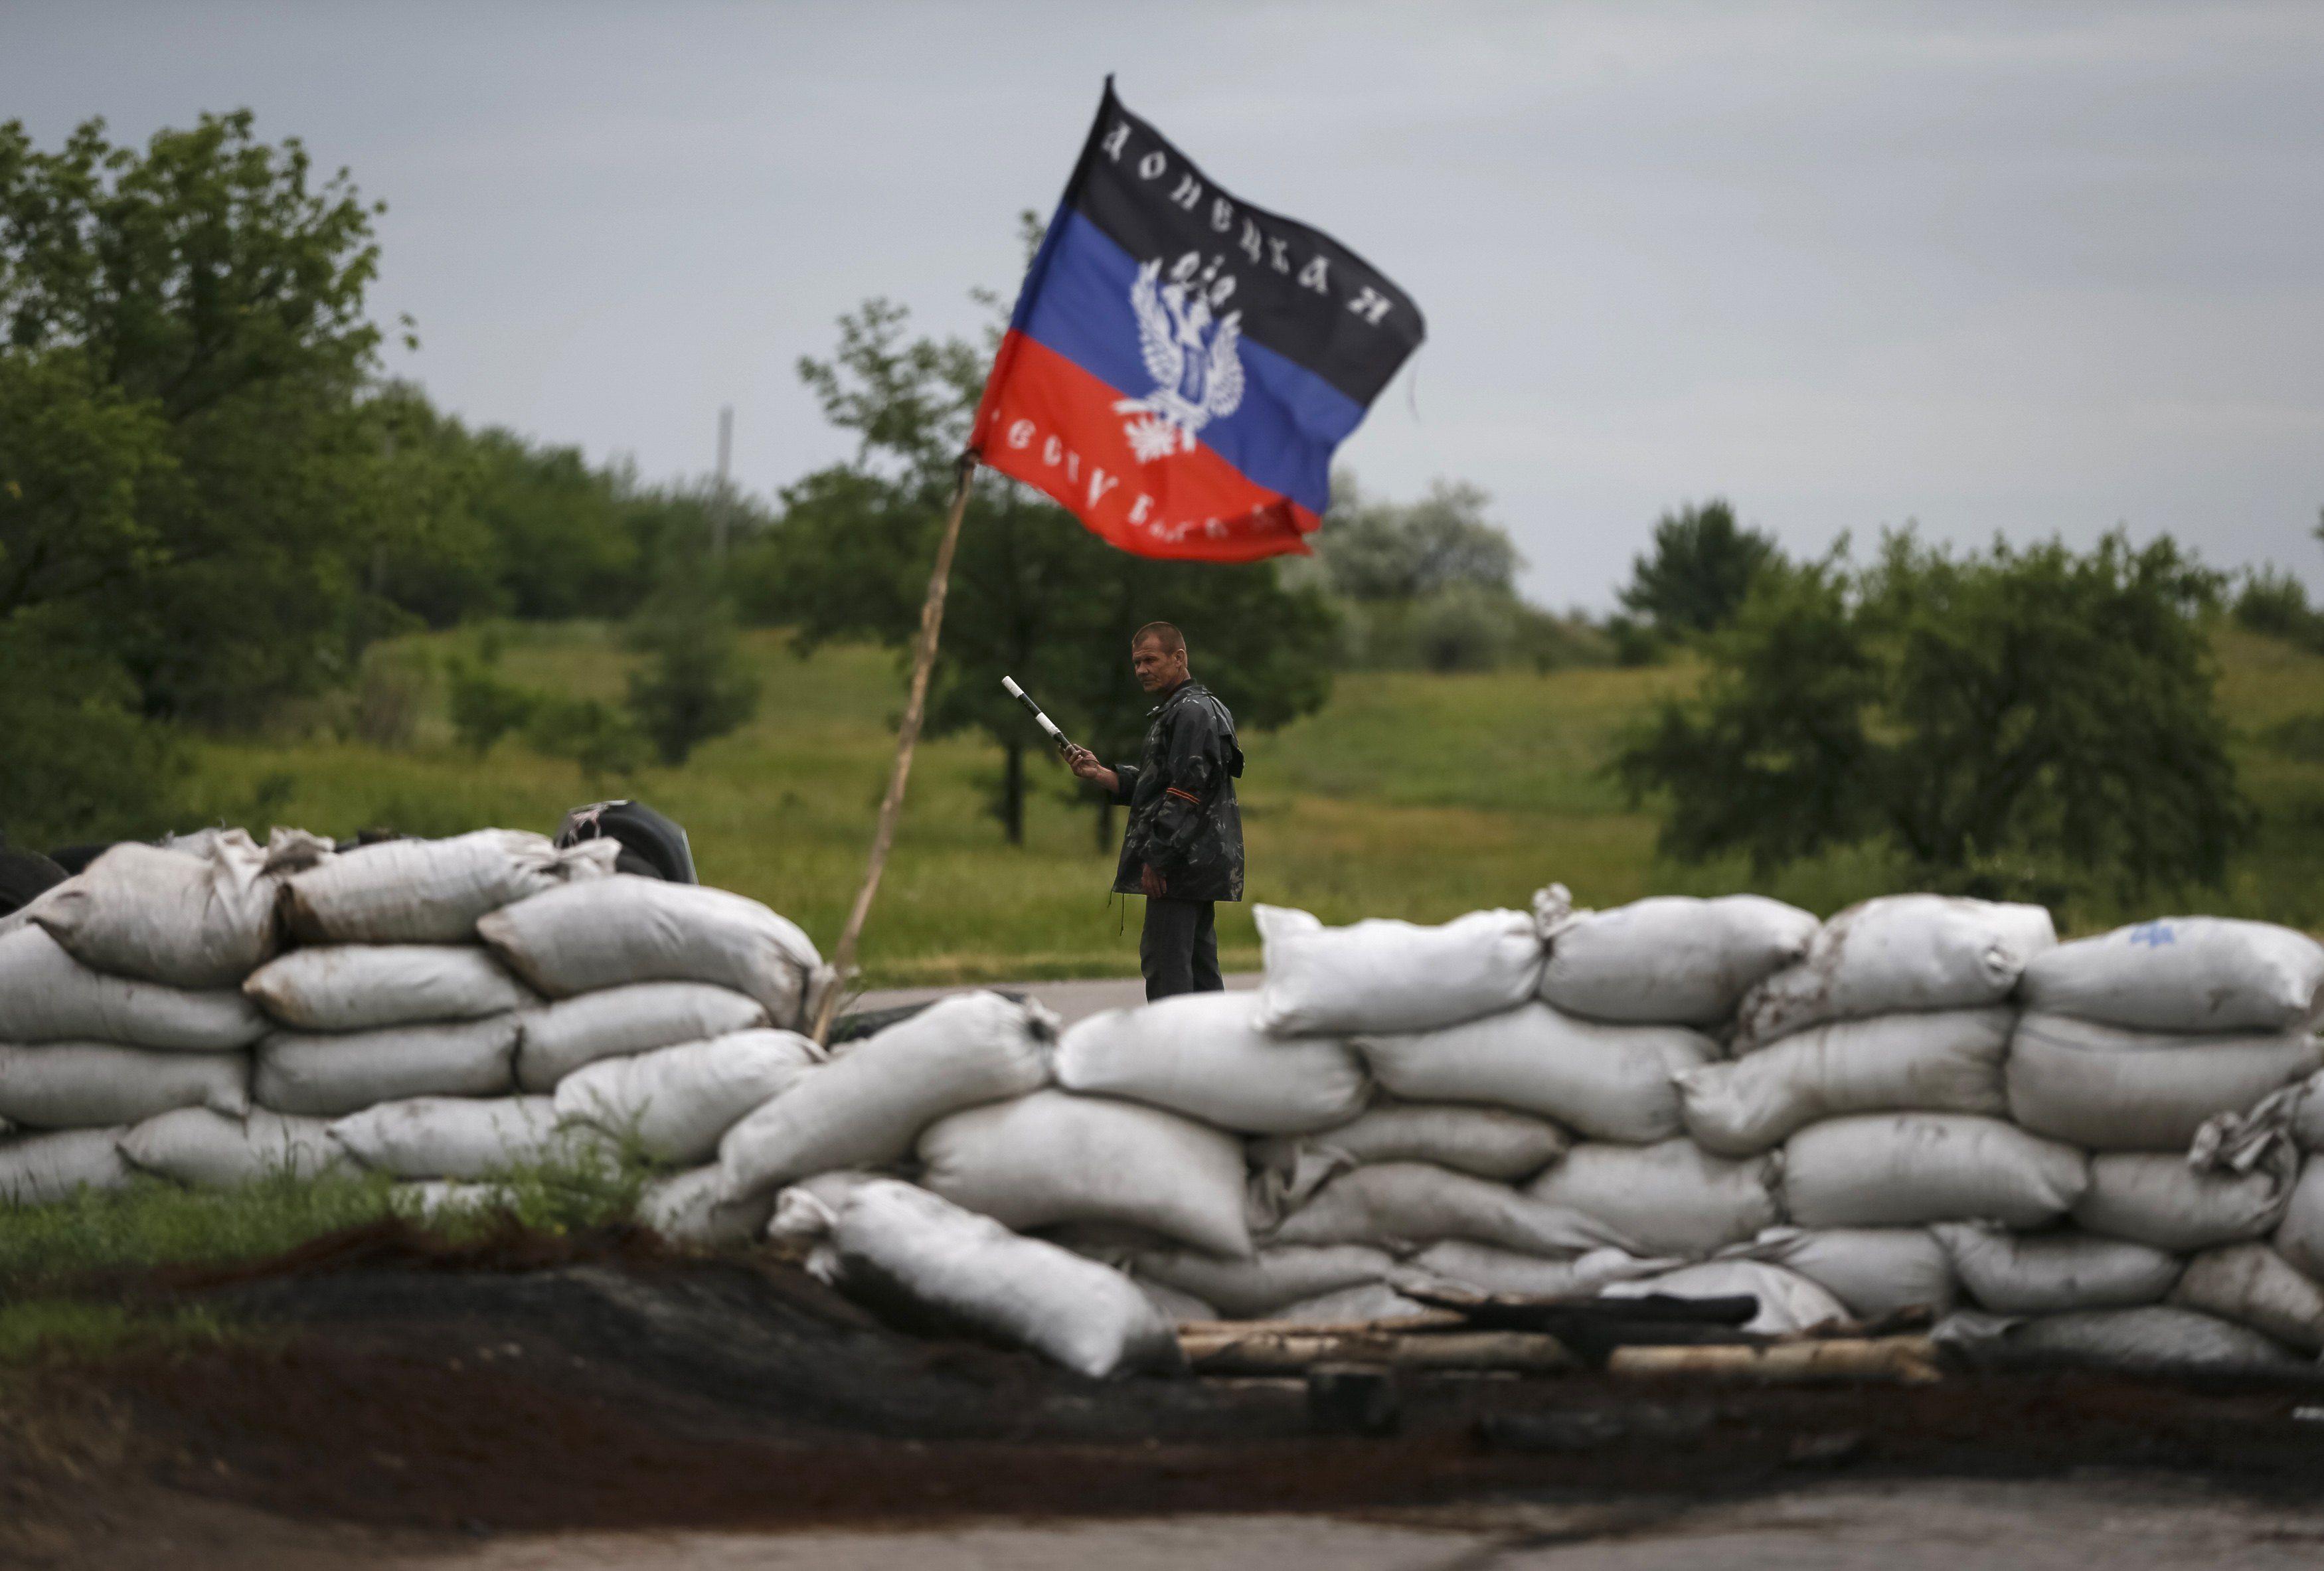 Блокпост так называемой ДНР, иллюстрация